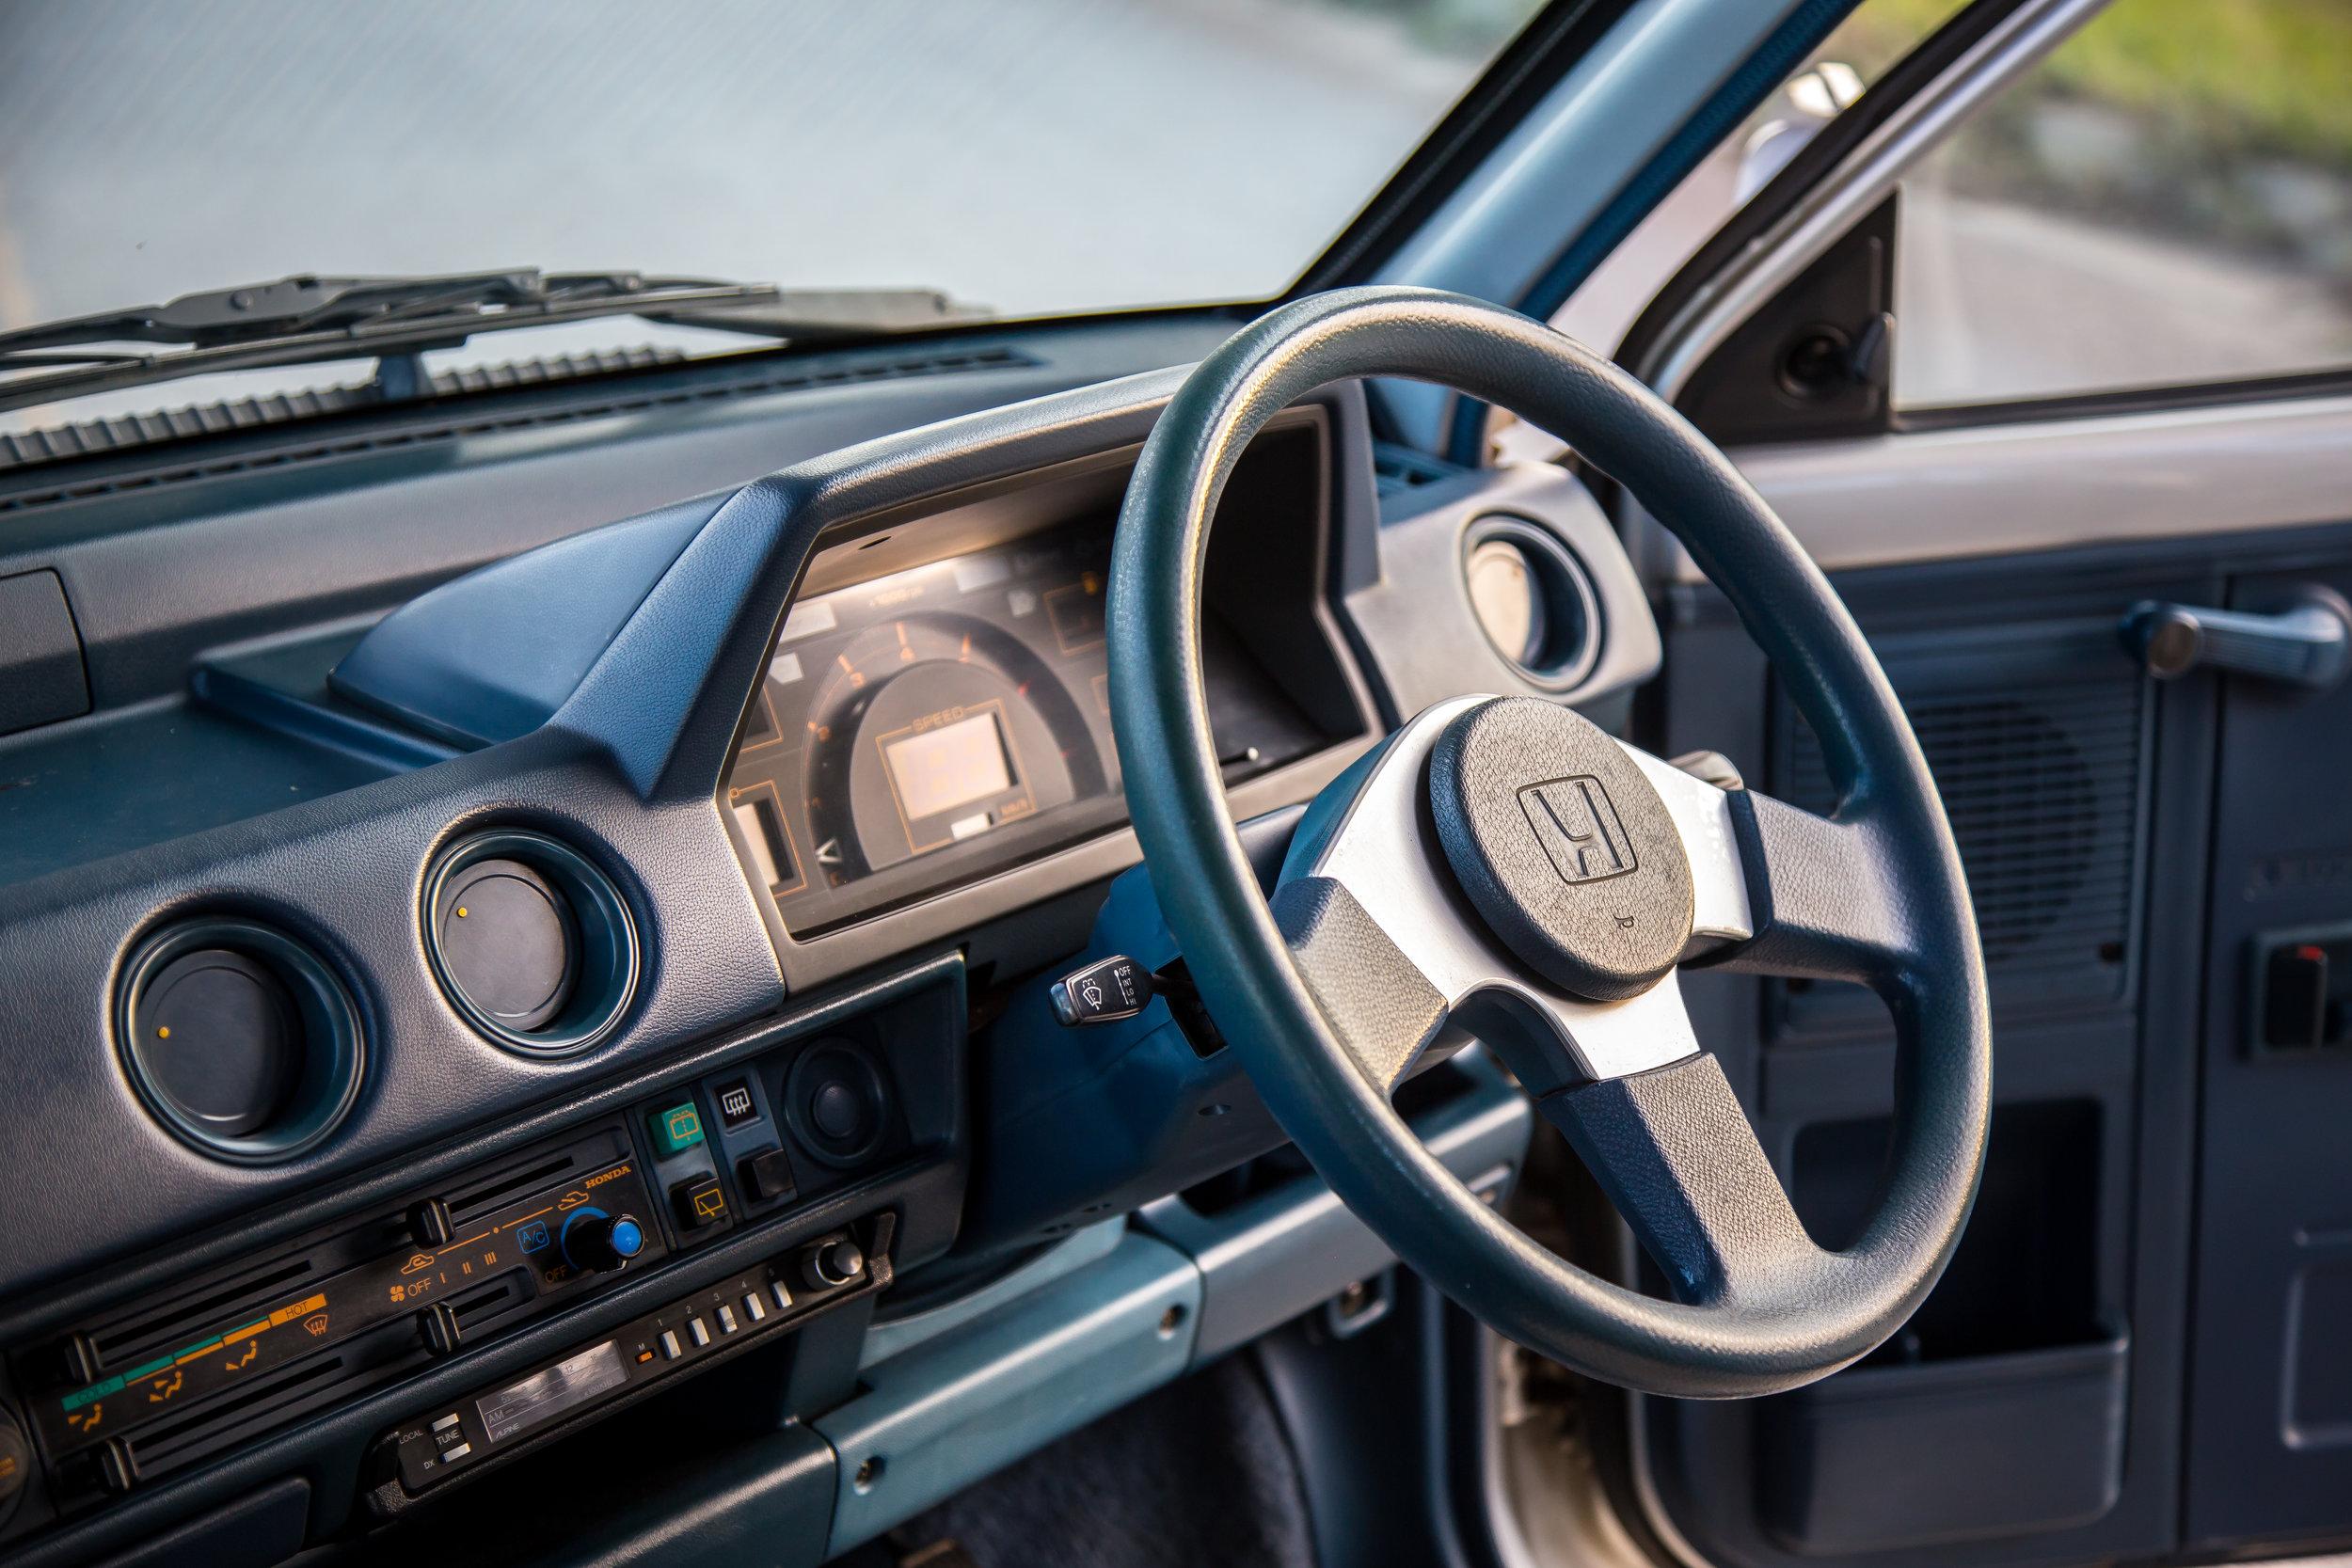 1983-honda-city-turbo-ii--motocompo_32512117428_o.jpg